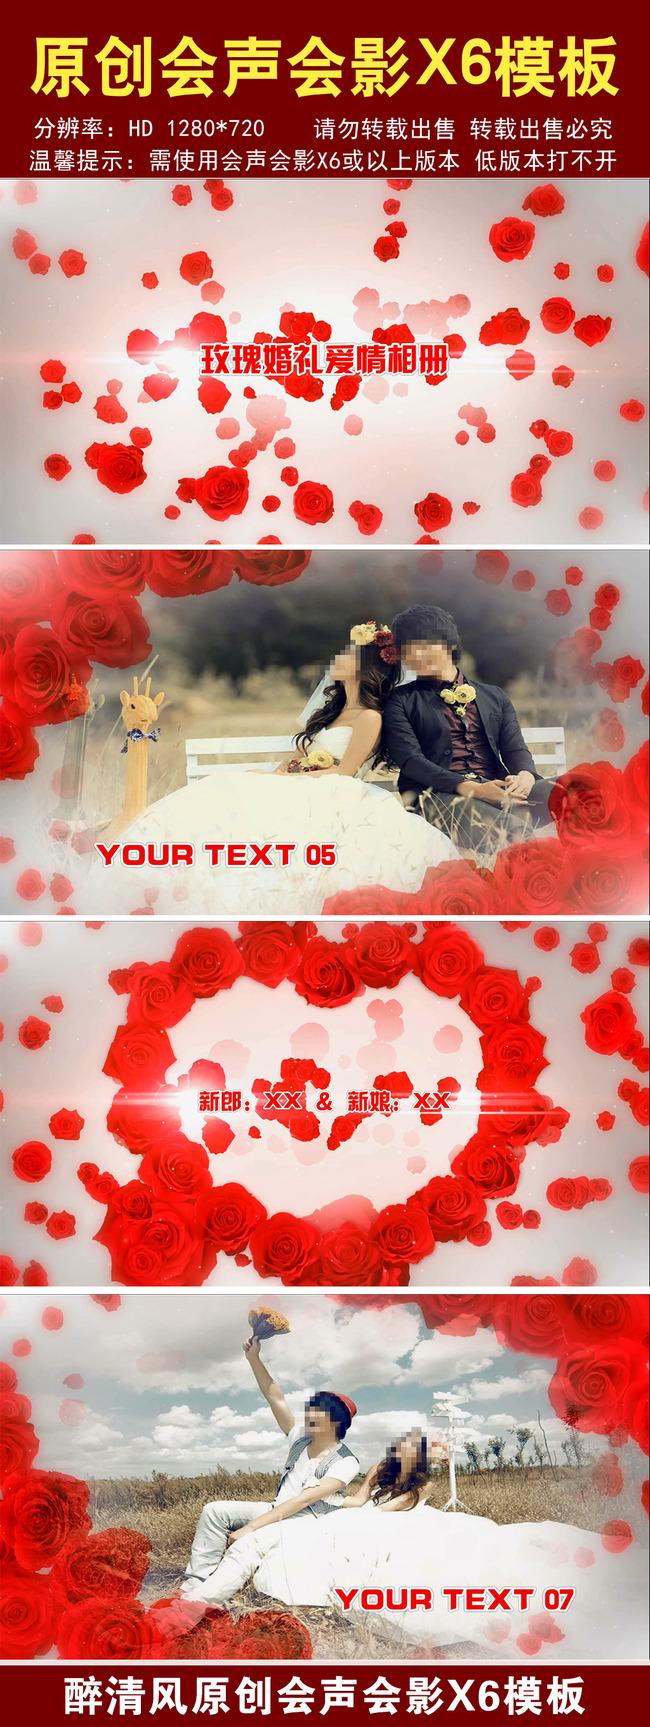 会声会影x6模板玫瑰婚礼爱情相册